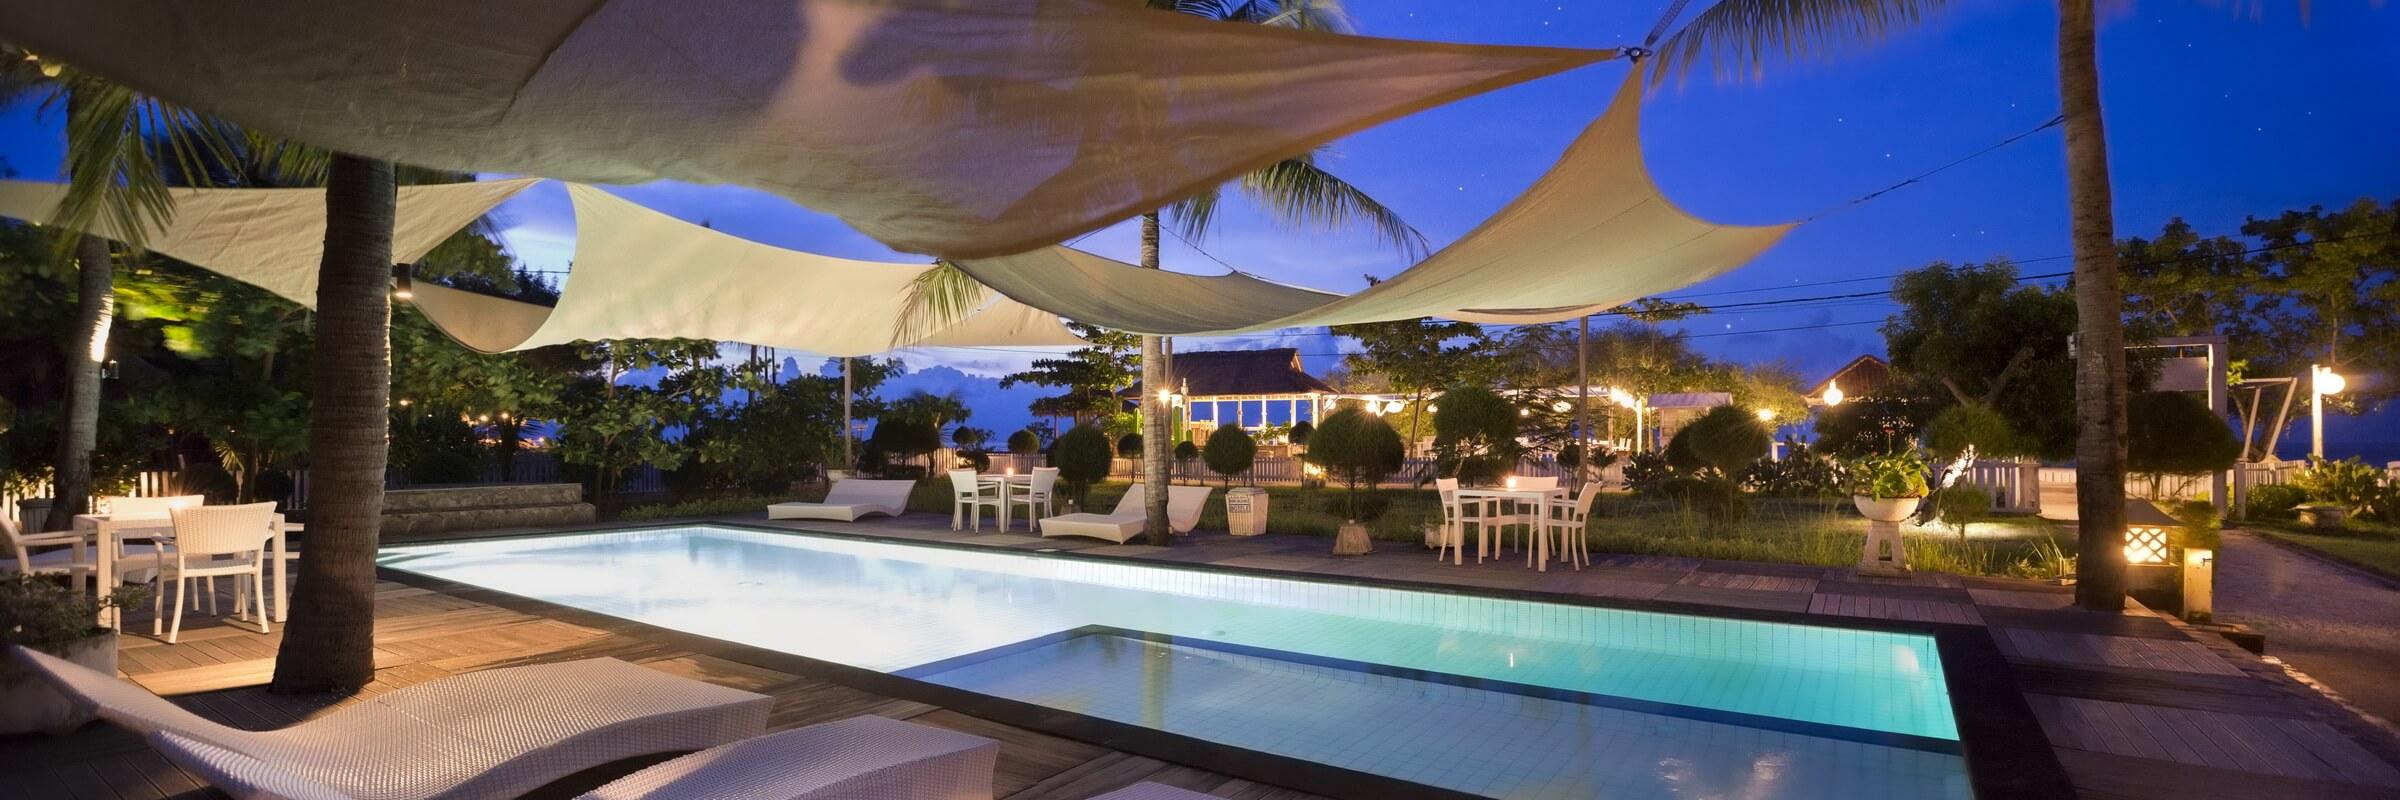 Das Gili Eco Villas verfügt über einen schönen Swimmingpool und zahlreiche Sonnenliegen, die zum Baden und Relaxen einladen.